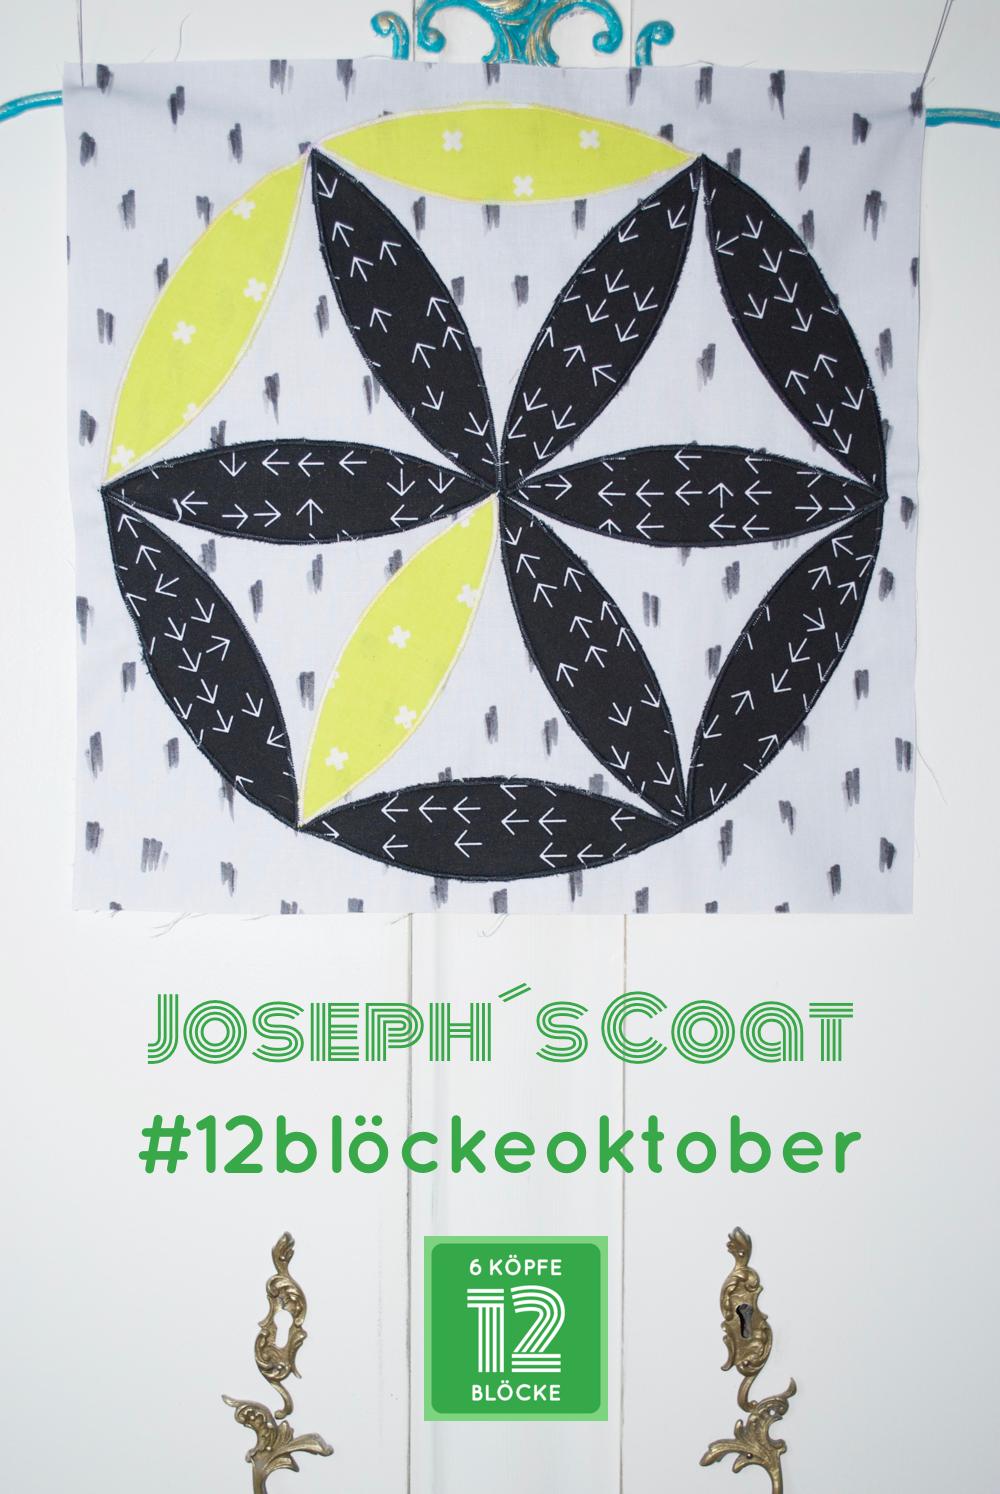 Block Oktober 6Köpfe-12Blöcke Joseph´s Coat